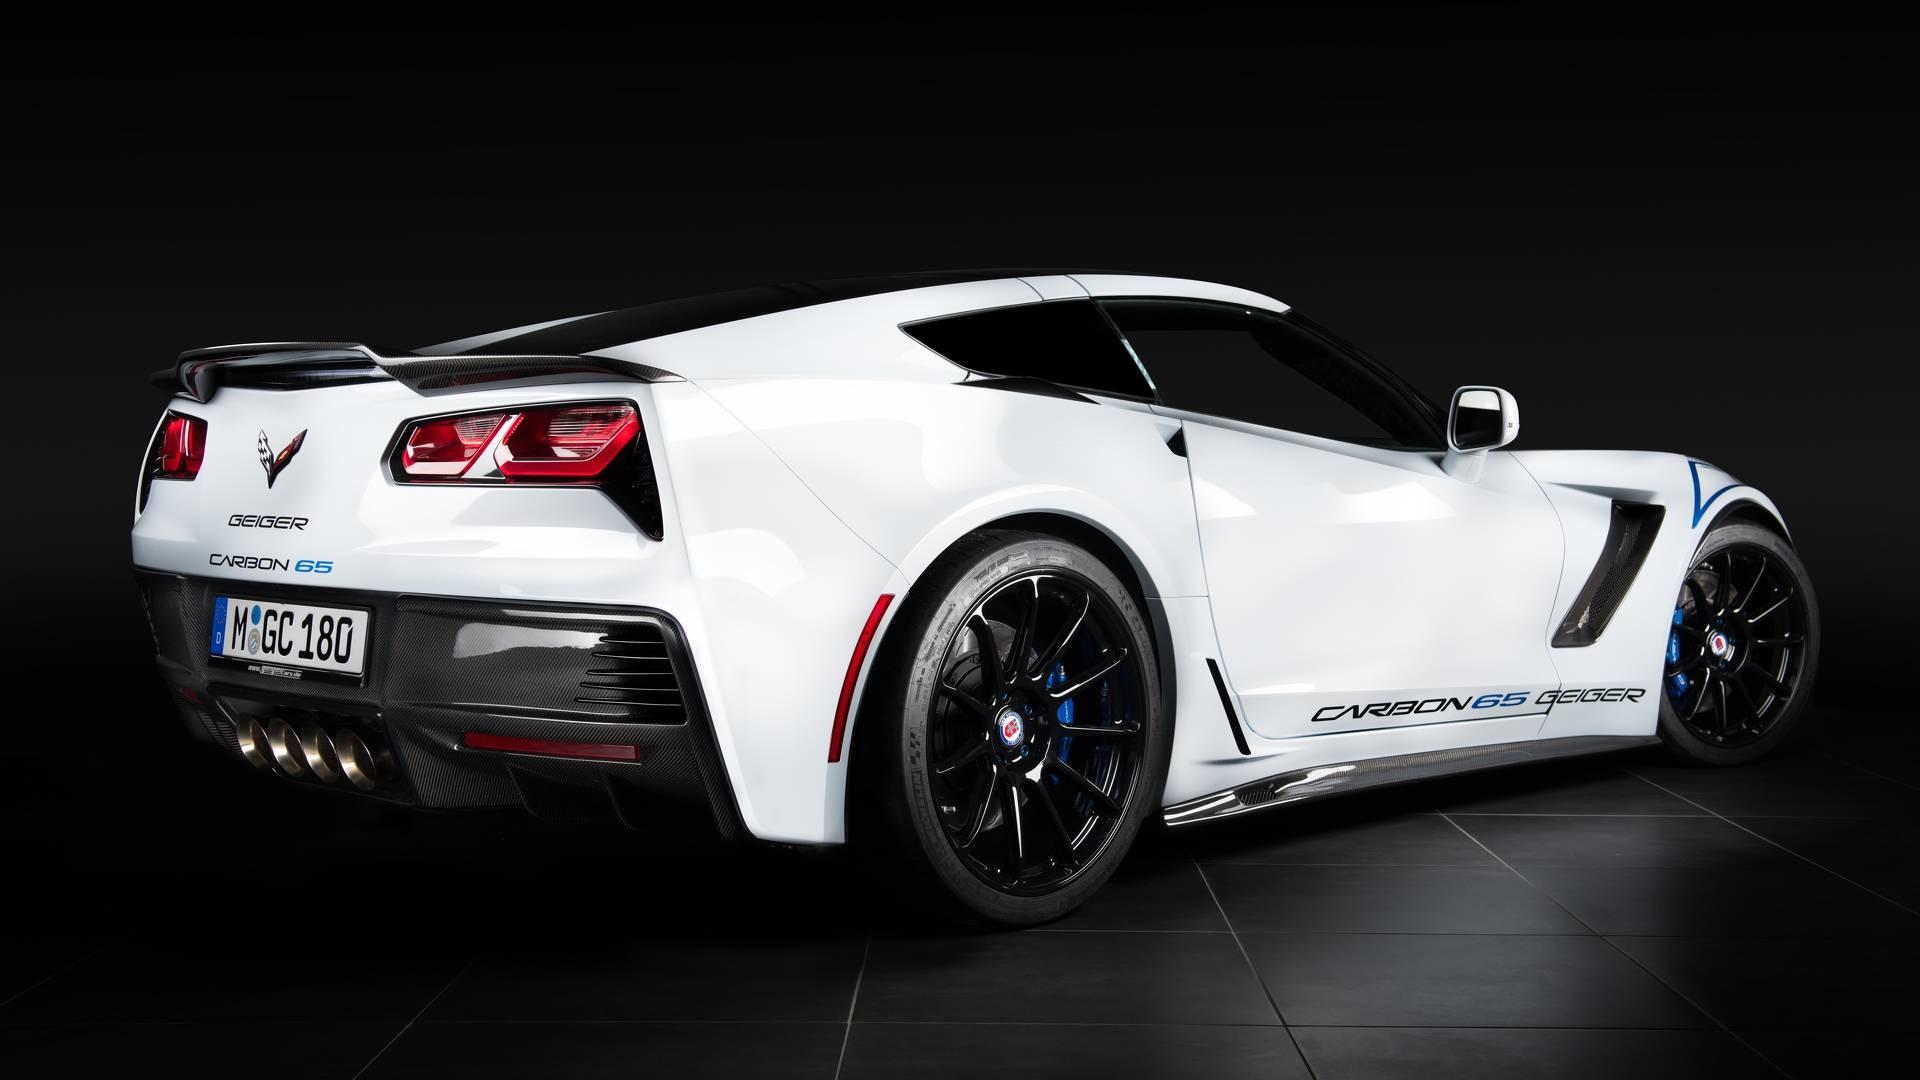 Foto de Corvette Z06 Geiger Carbon 65 Edition (3/15)